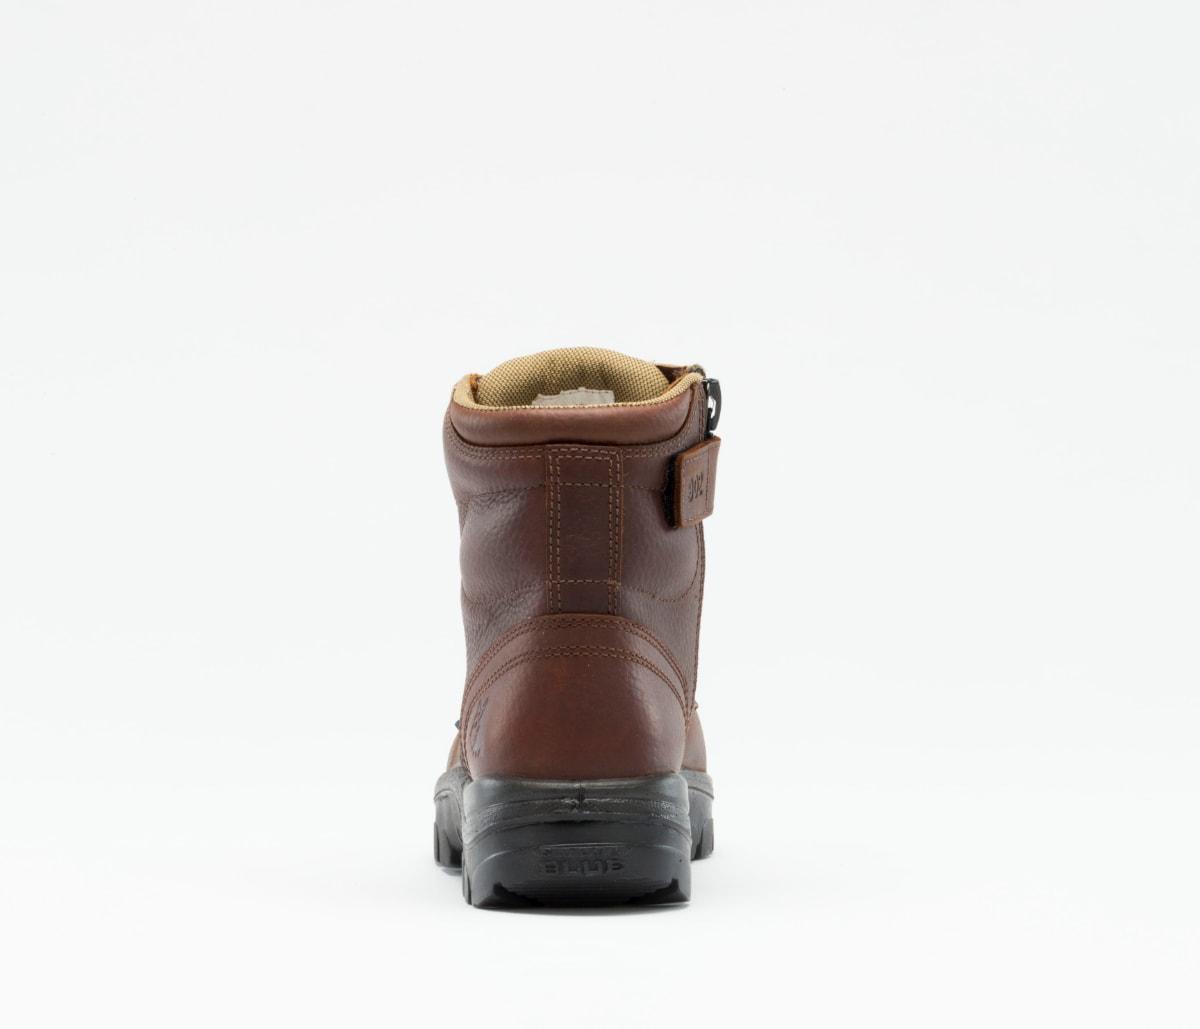 Argyle Zip: Met / PR Midsole / Bump Cap - Roble